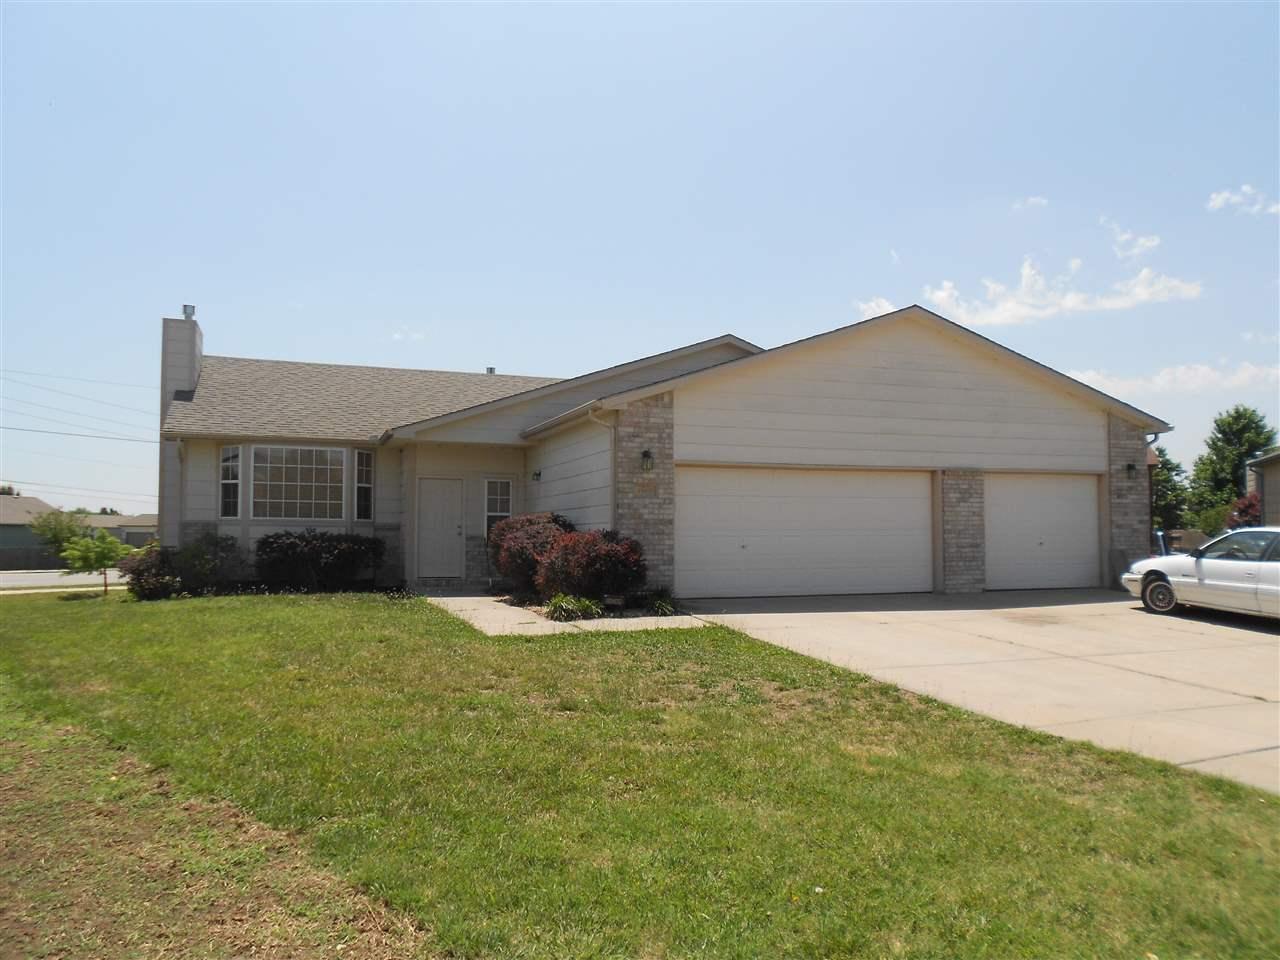 10405 W Jewell Cir, Wichita, KS 67209